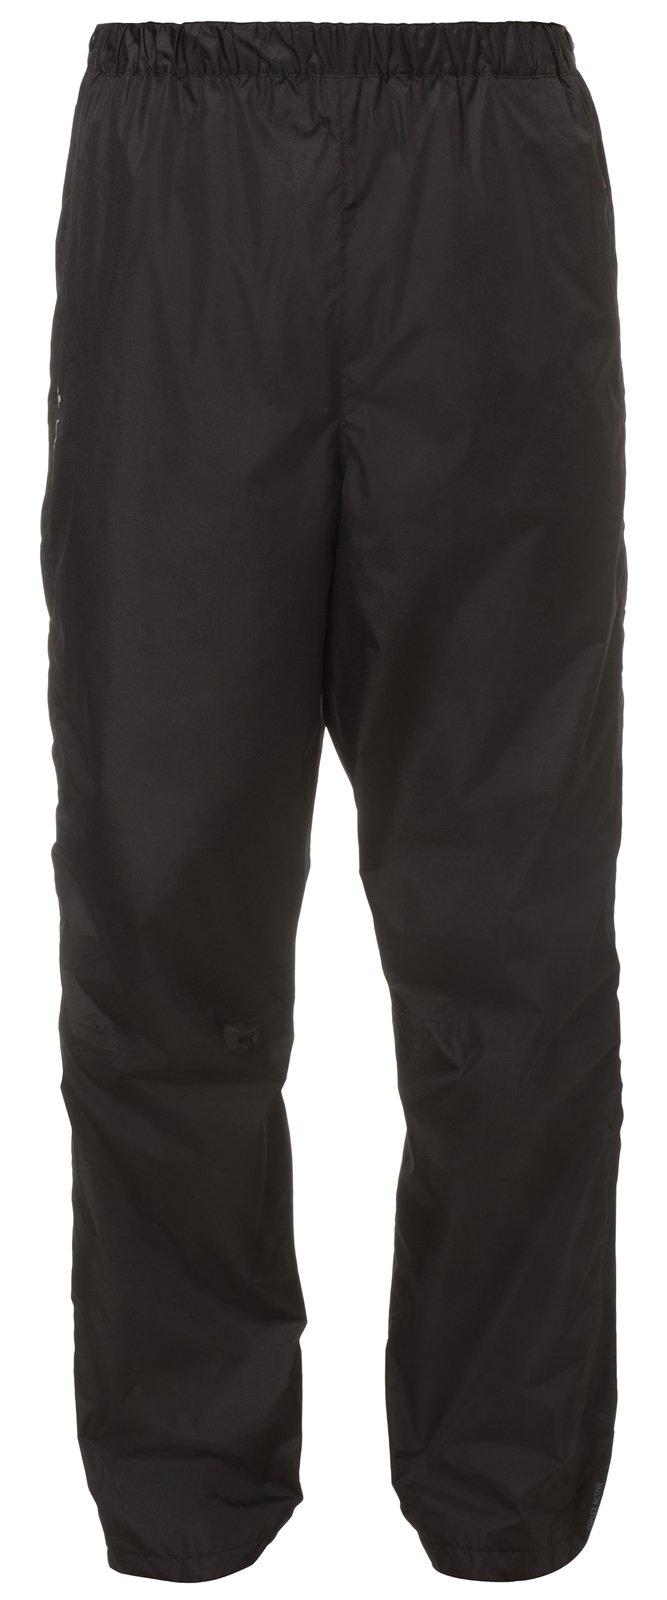 VAUDE Herren Hose Fluid Full-zip Pants II S/S, Schwarz , Gr. 50/M ,6343